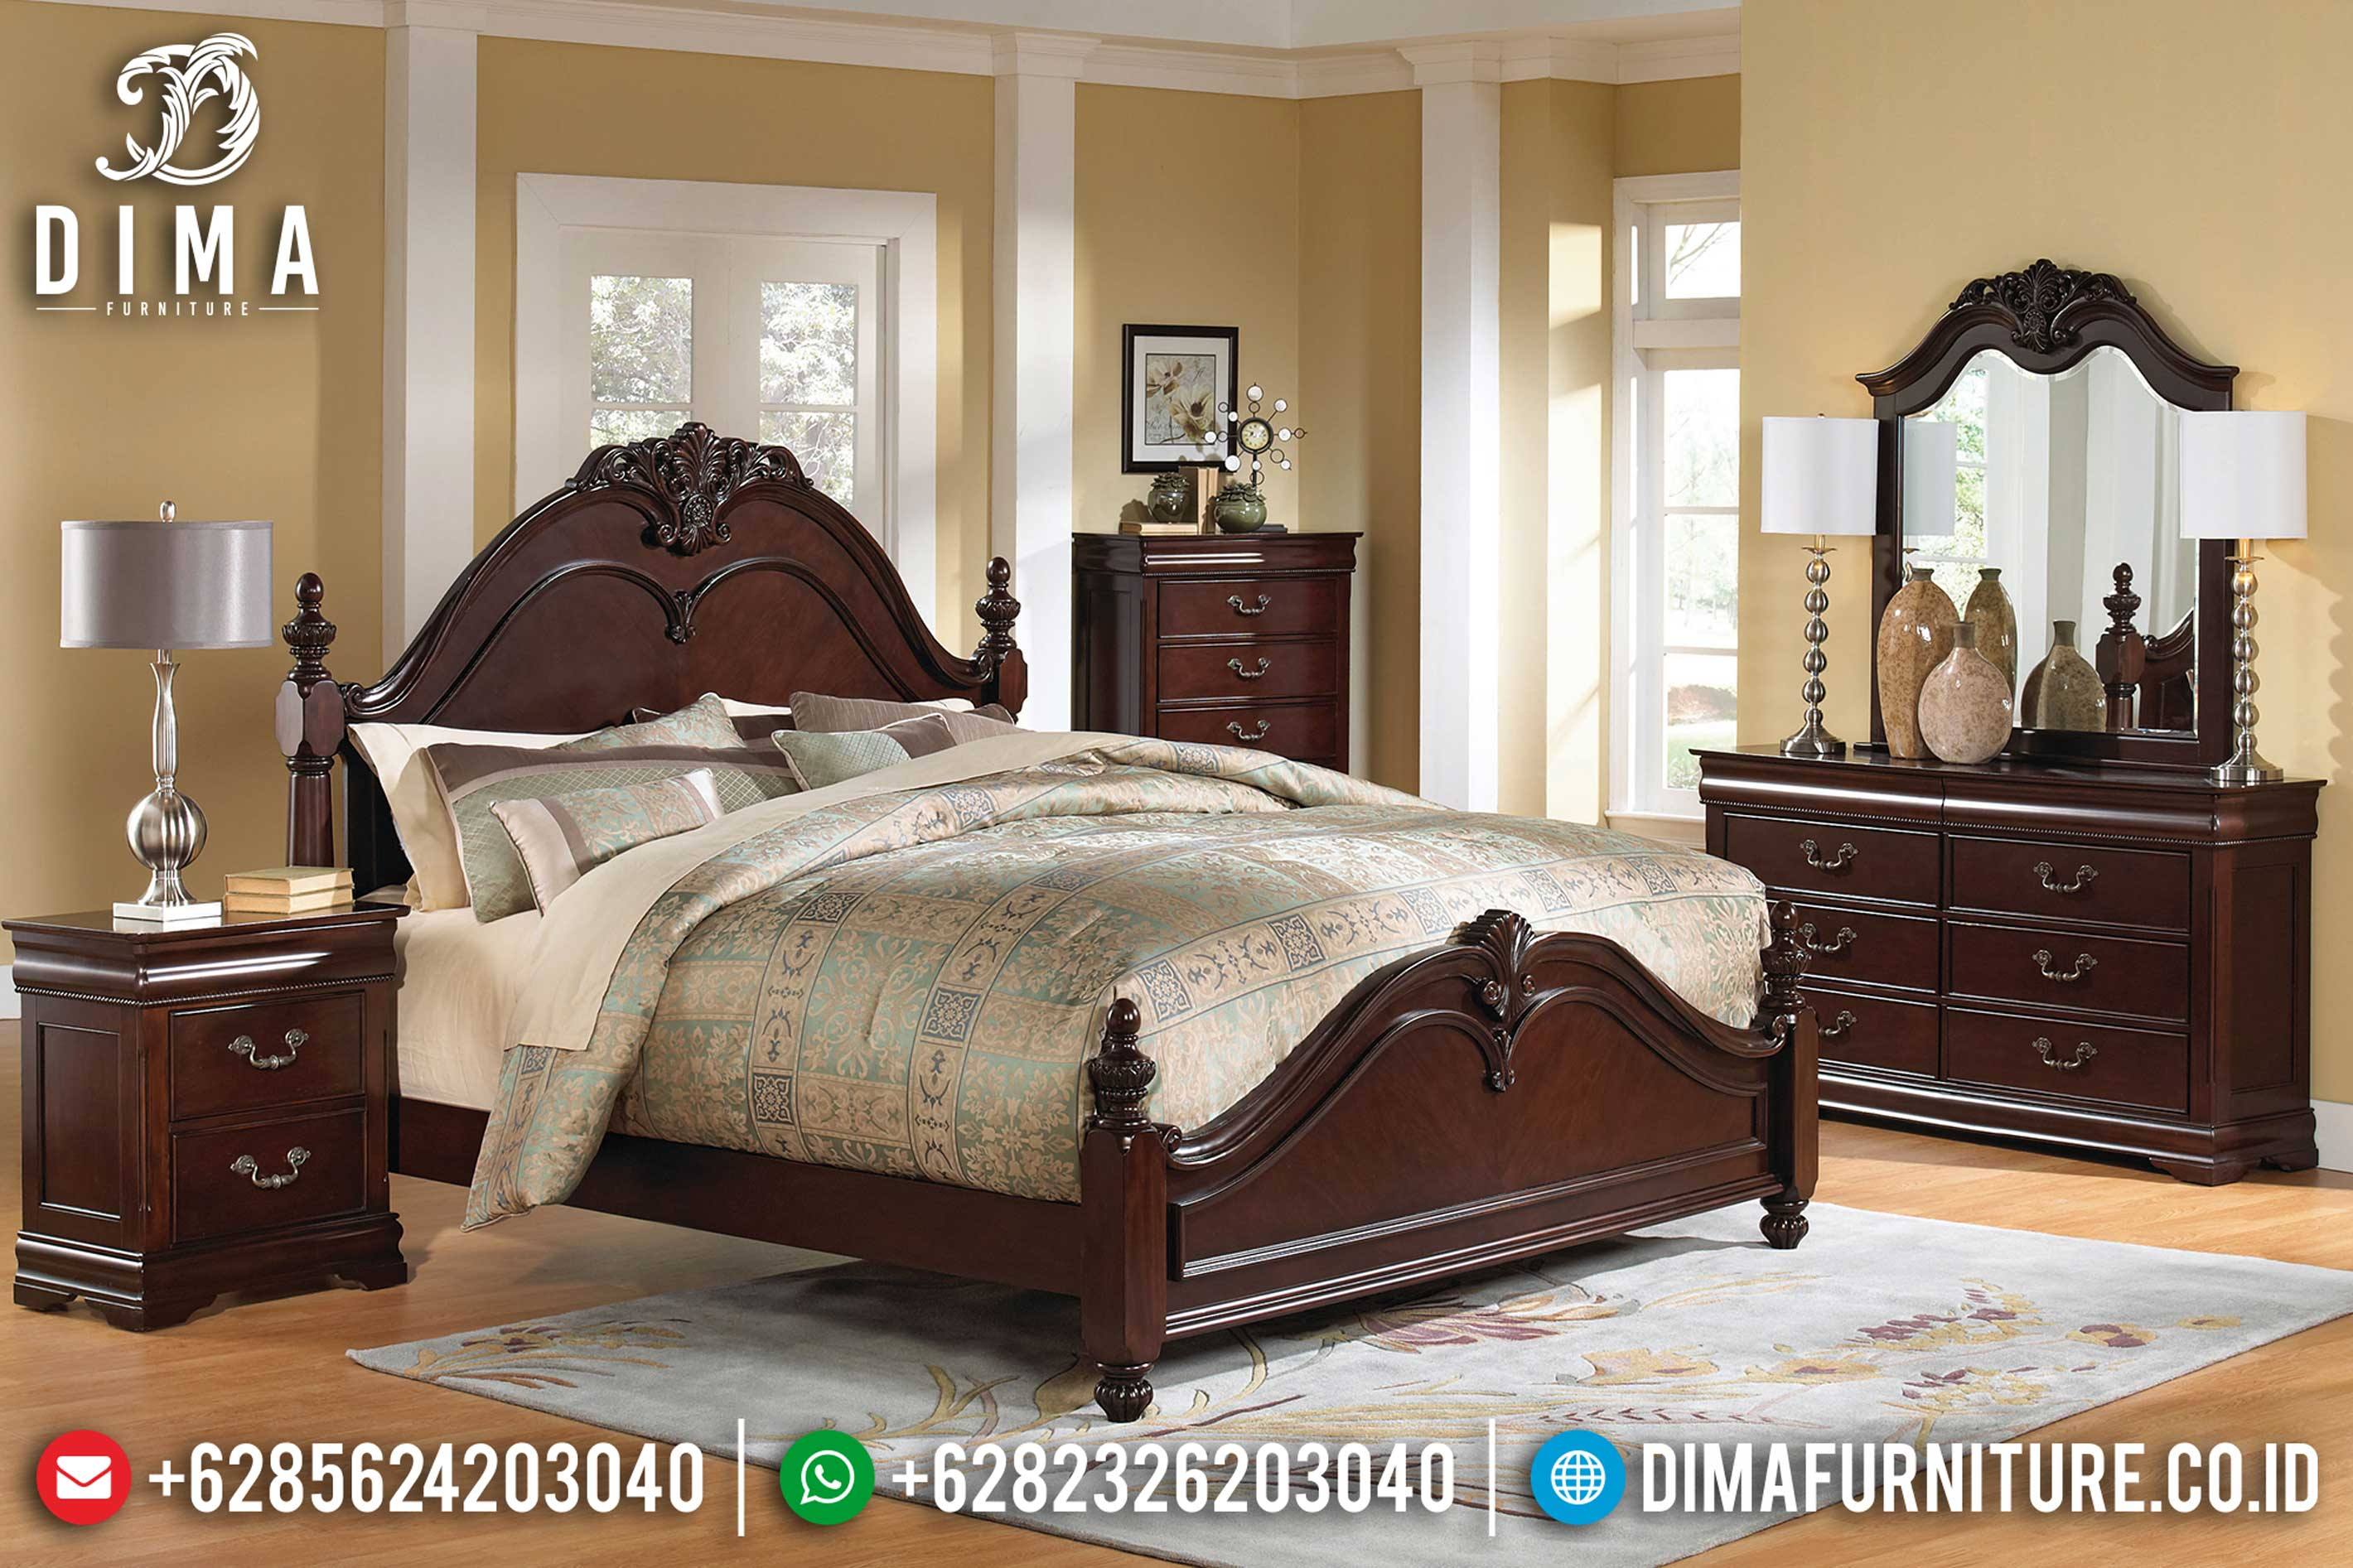 Jual 1 Set Tempat Tidur Jepara Minimalis Mewah Terbaru Jati Tpk Df 0635